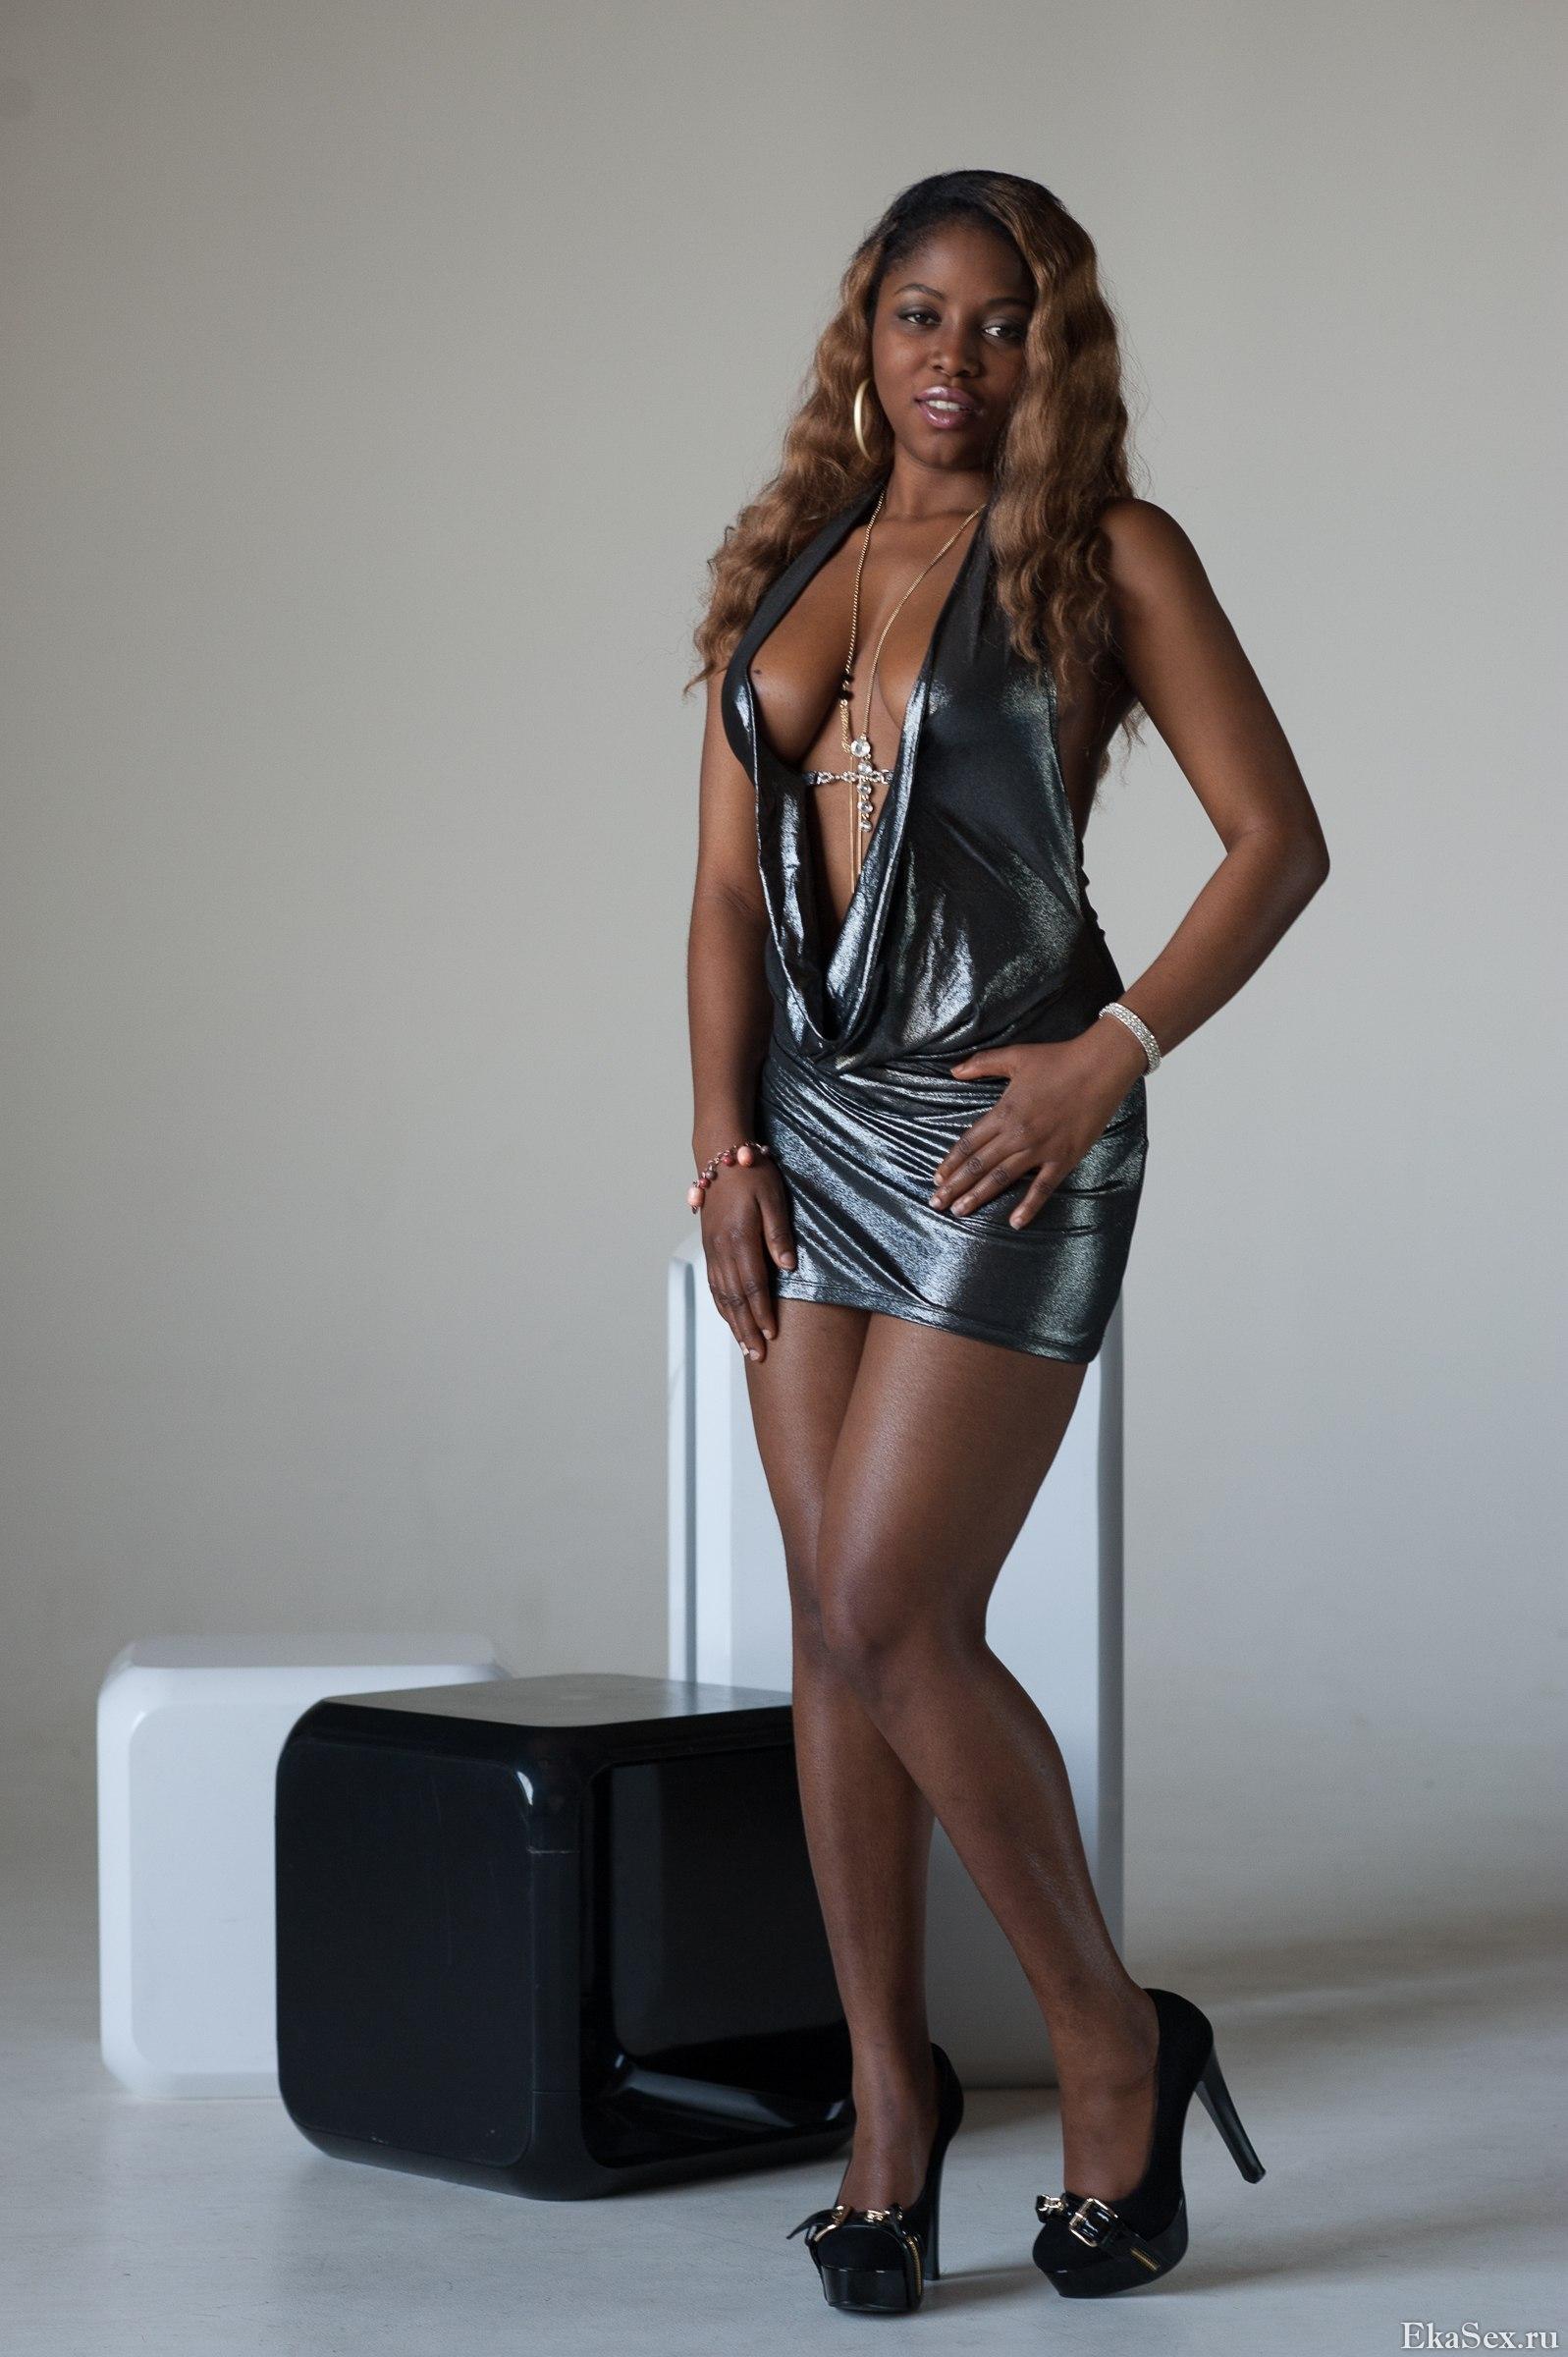 фото проститутки Лора из города Екатеринбург